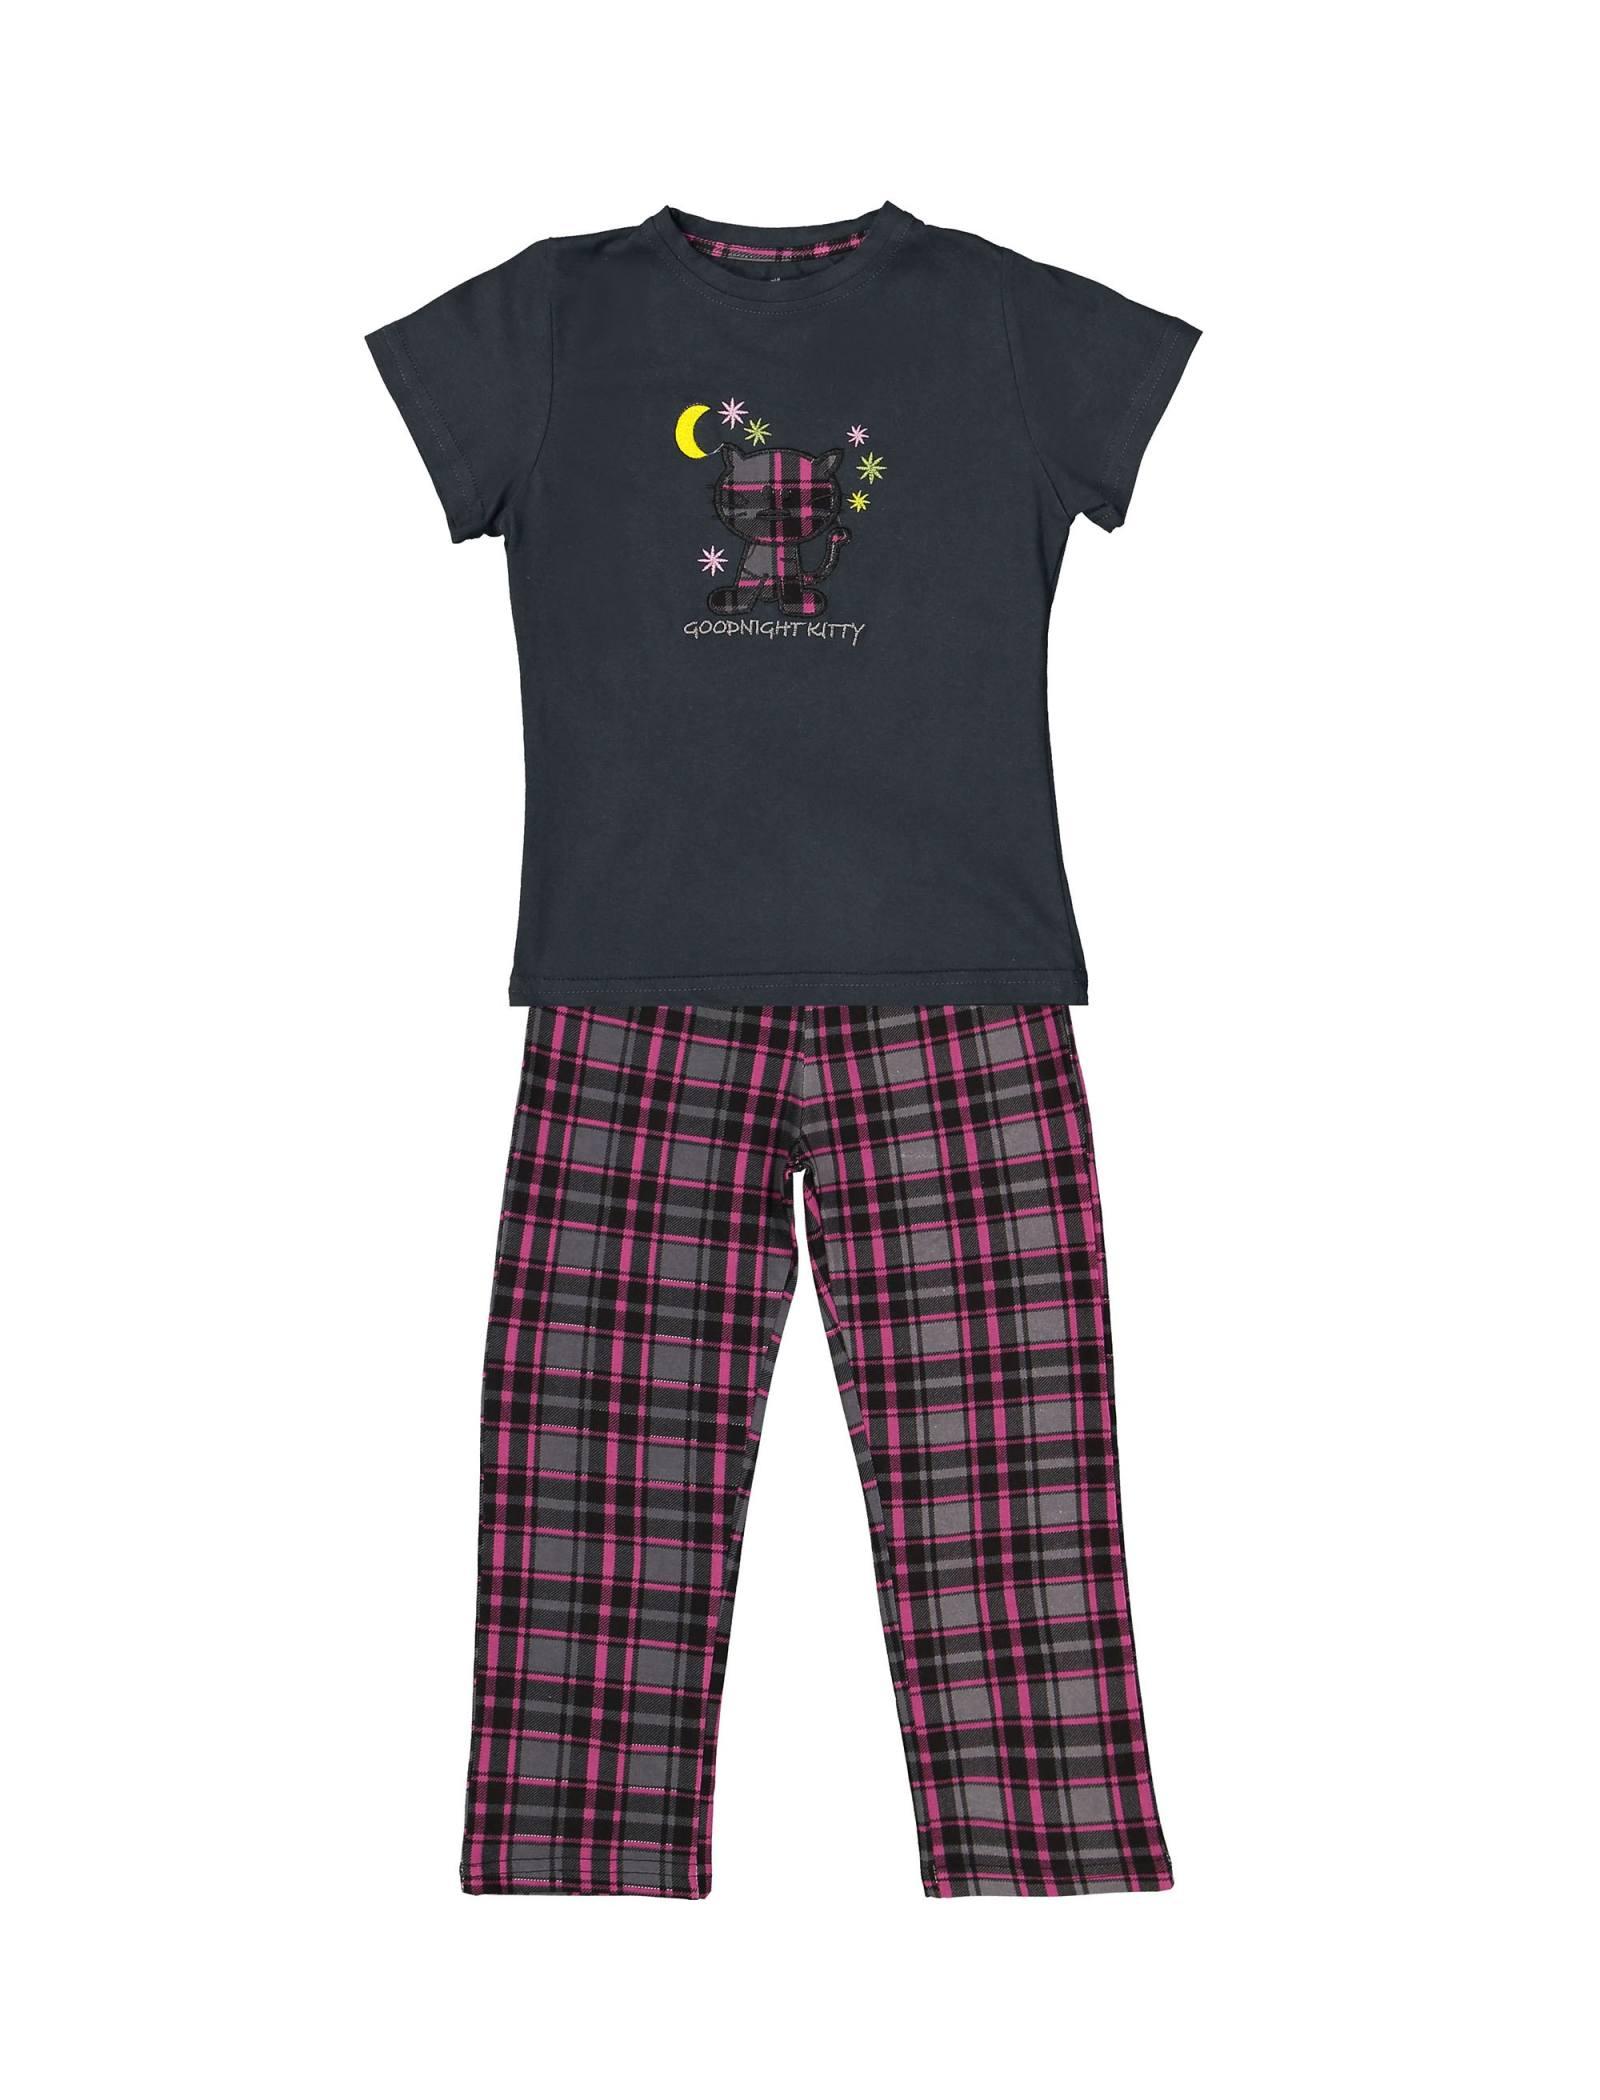 تی شرت و شلوار نخی بچگانه هیربد 1231 - ناربن - زغالي - 1